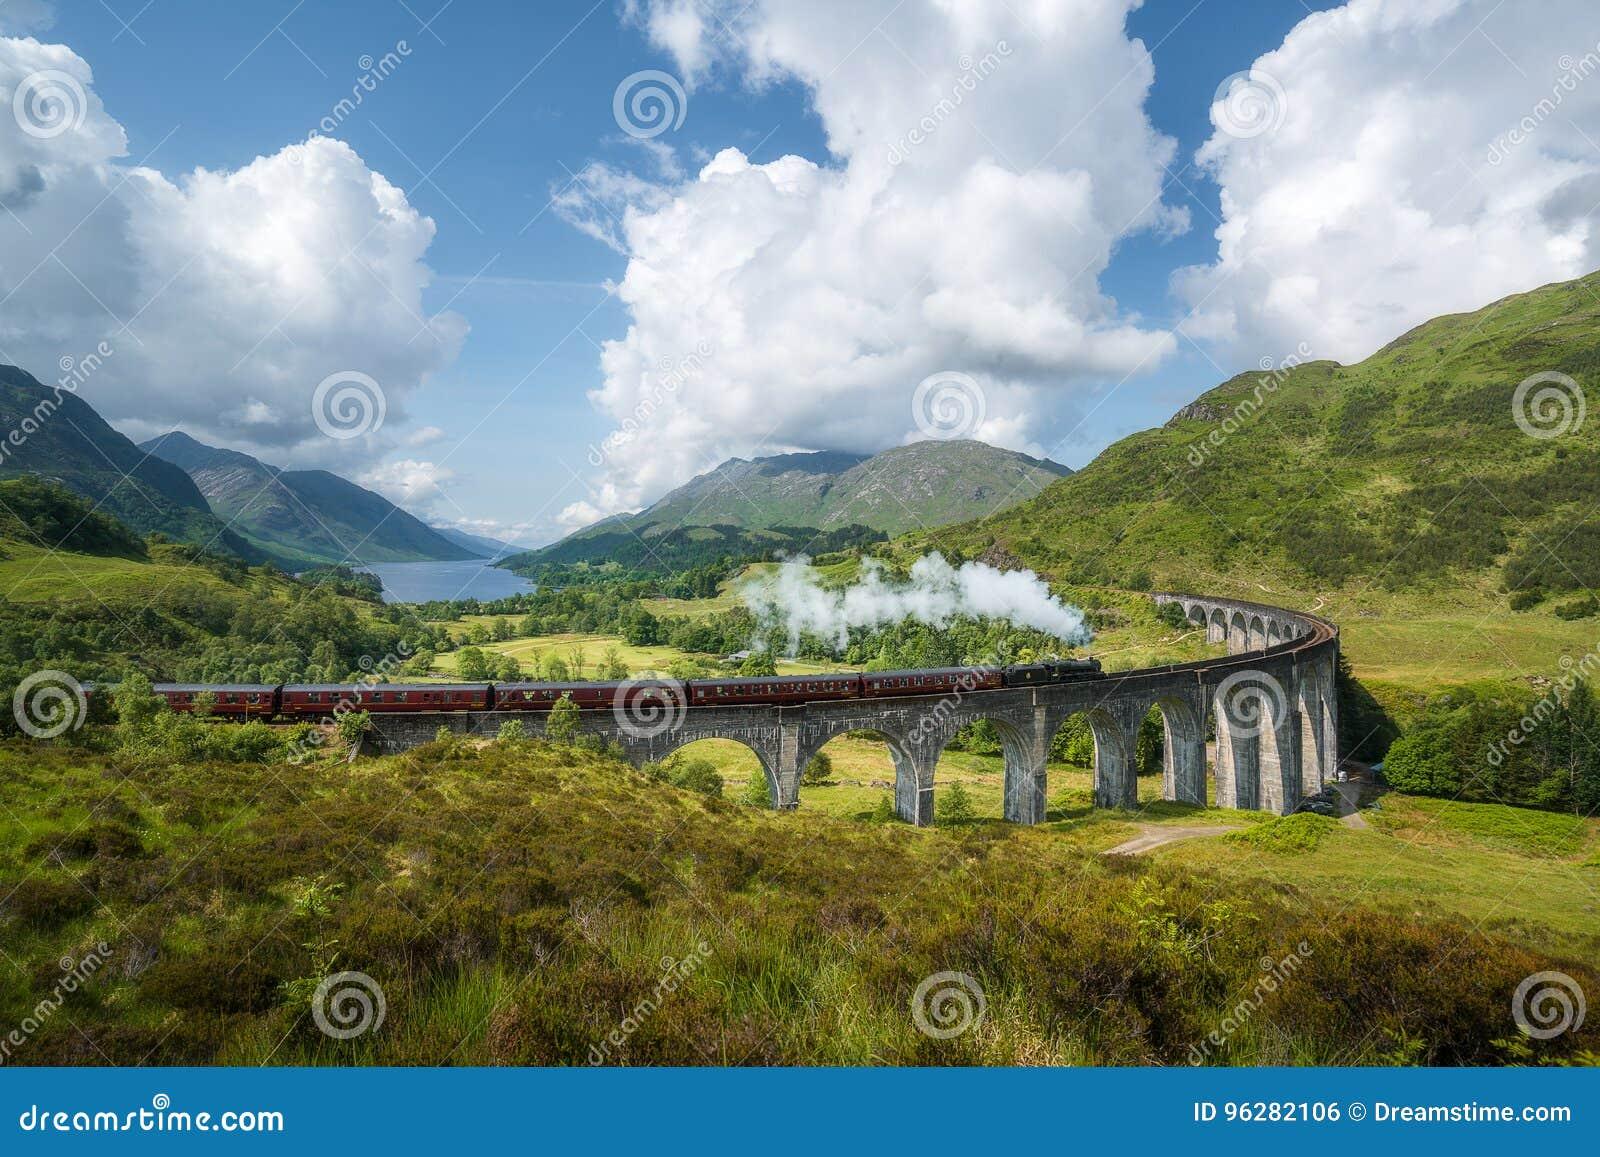 Jacobite kontrpary pociąg, a K A Hogwarts Ekspresowy, przepustki Glenfinnan wiadukt